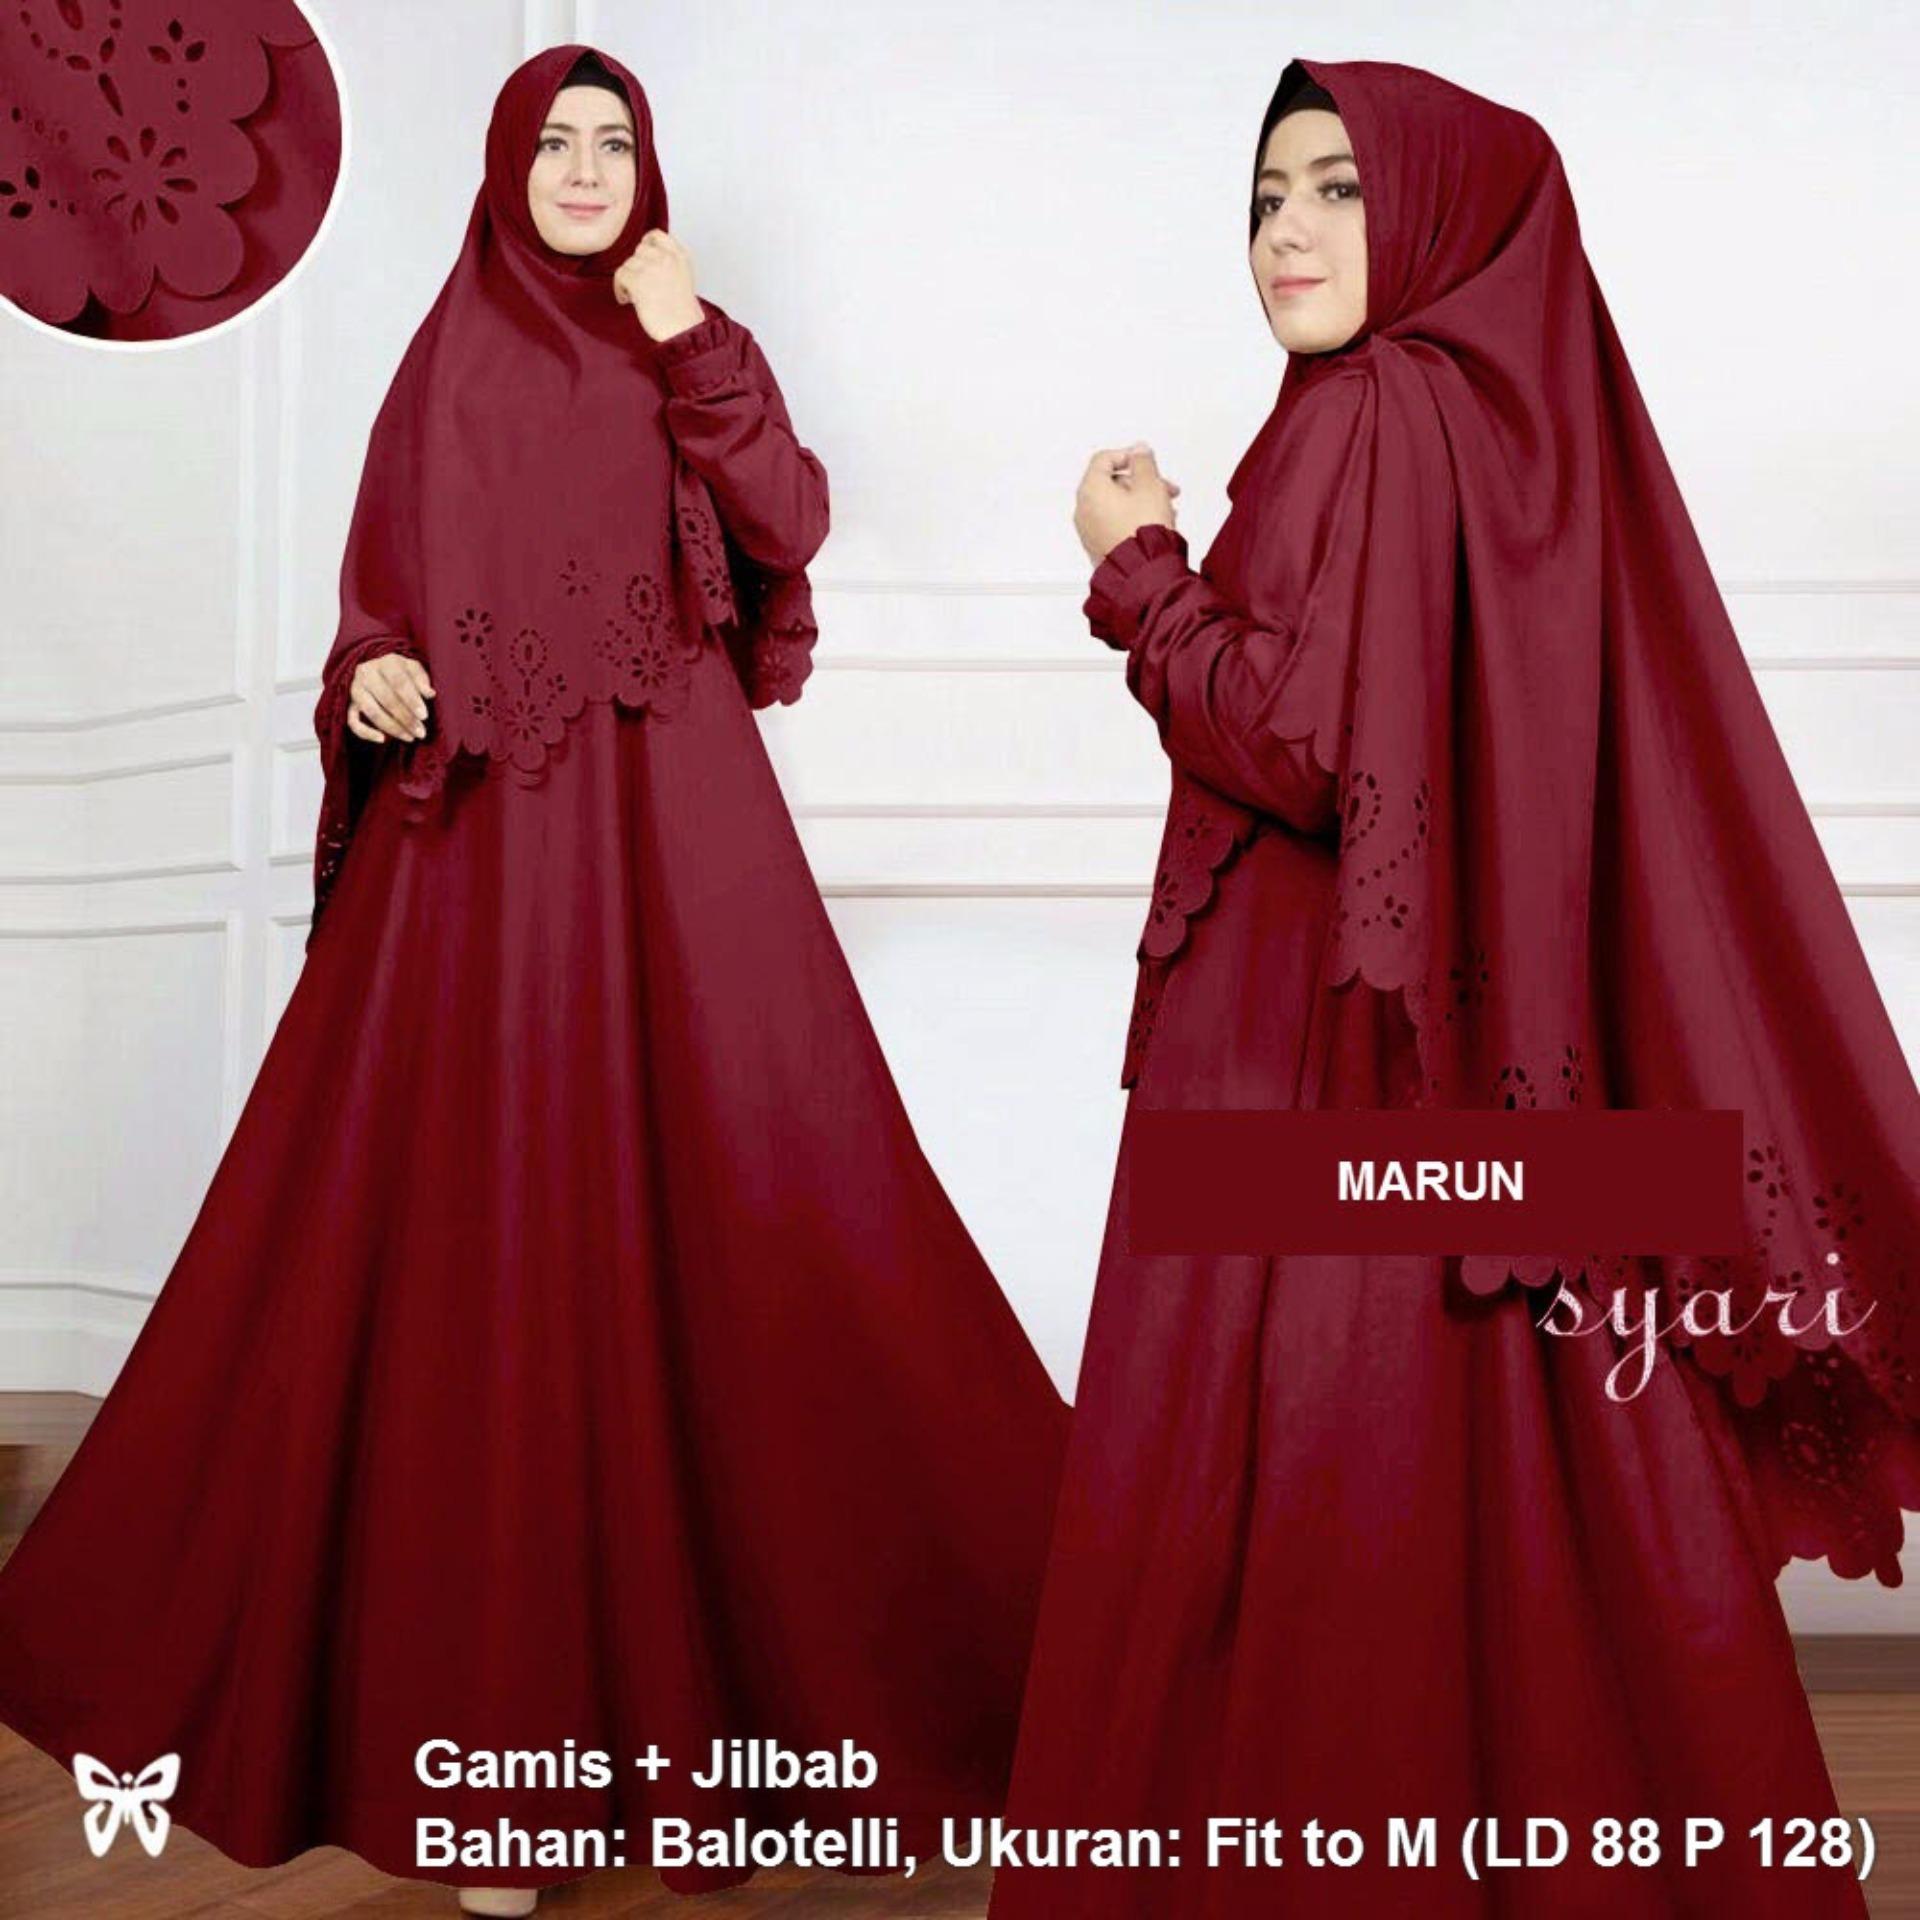 Jual Gamis Terbaru Terlengkap Monalisa Merah Biru Katun Jepang Original Syari Set 2 In 1 Laser Msr065 Baju Muslim Wanita